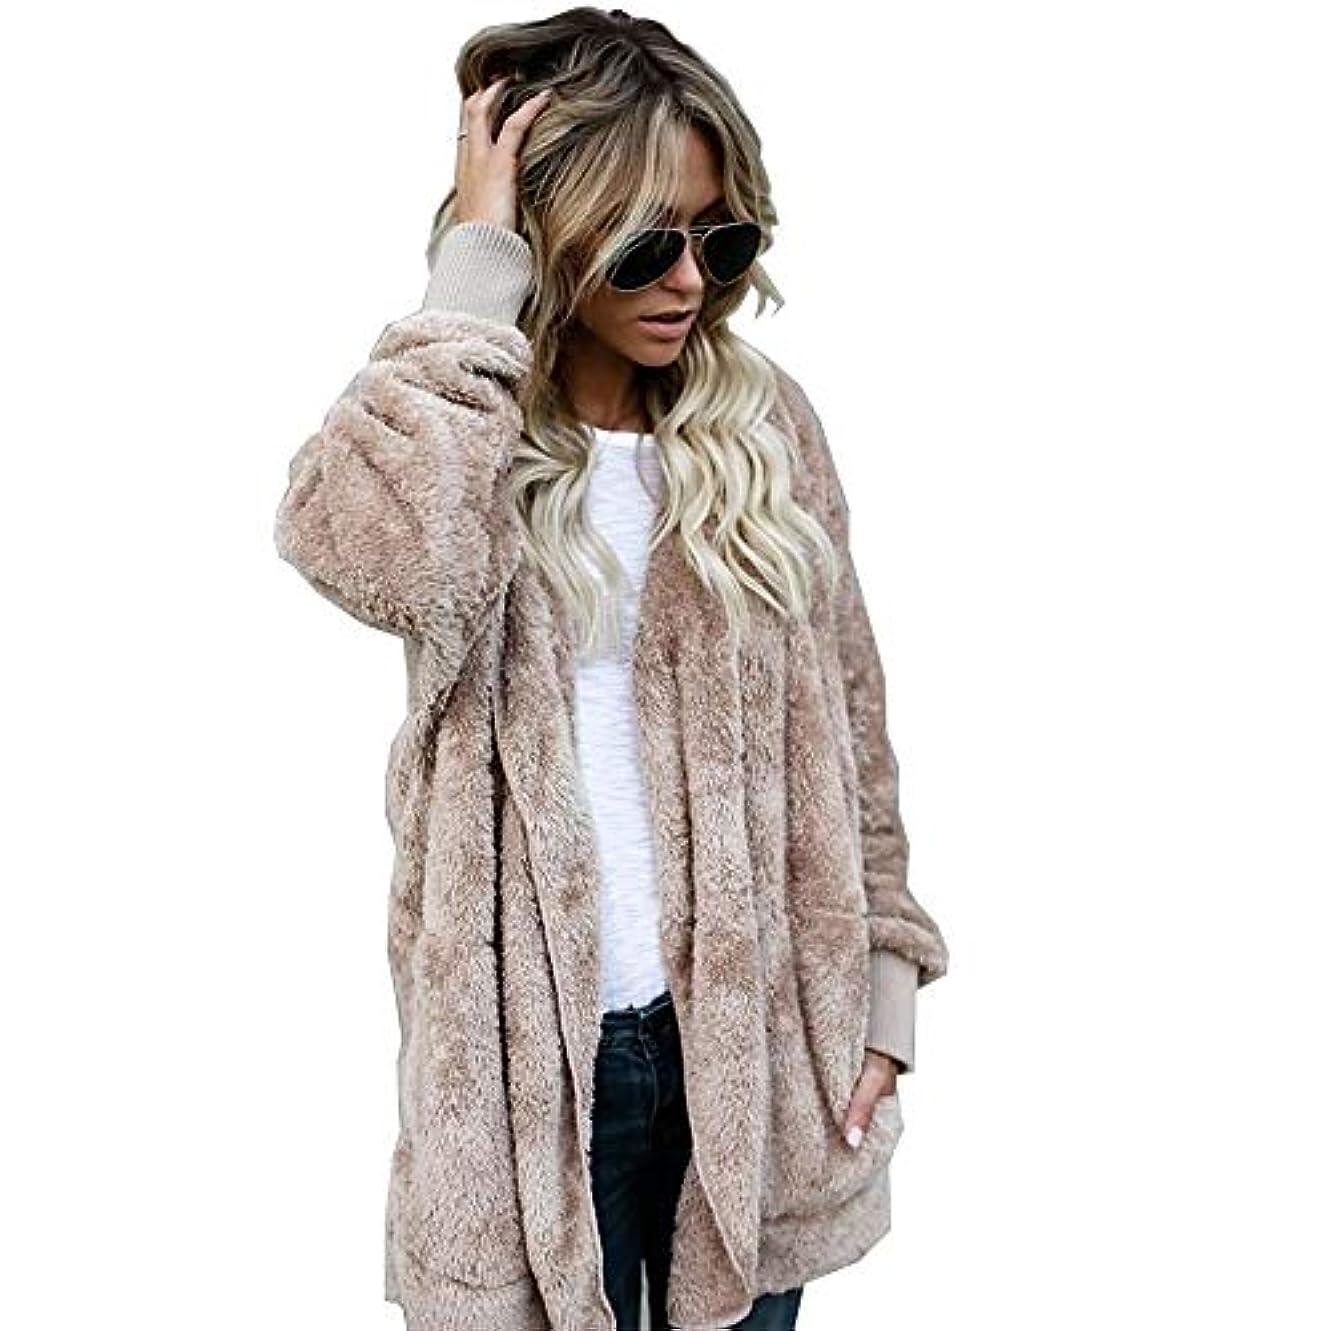 申し込む独裁者現代のMIFAN 長袖パーカー、冬のコート、女性のコート、女性の緩い厚く暖かいフェイクファーフード付きカーディガン